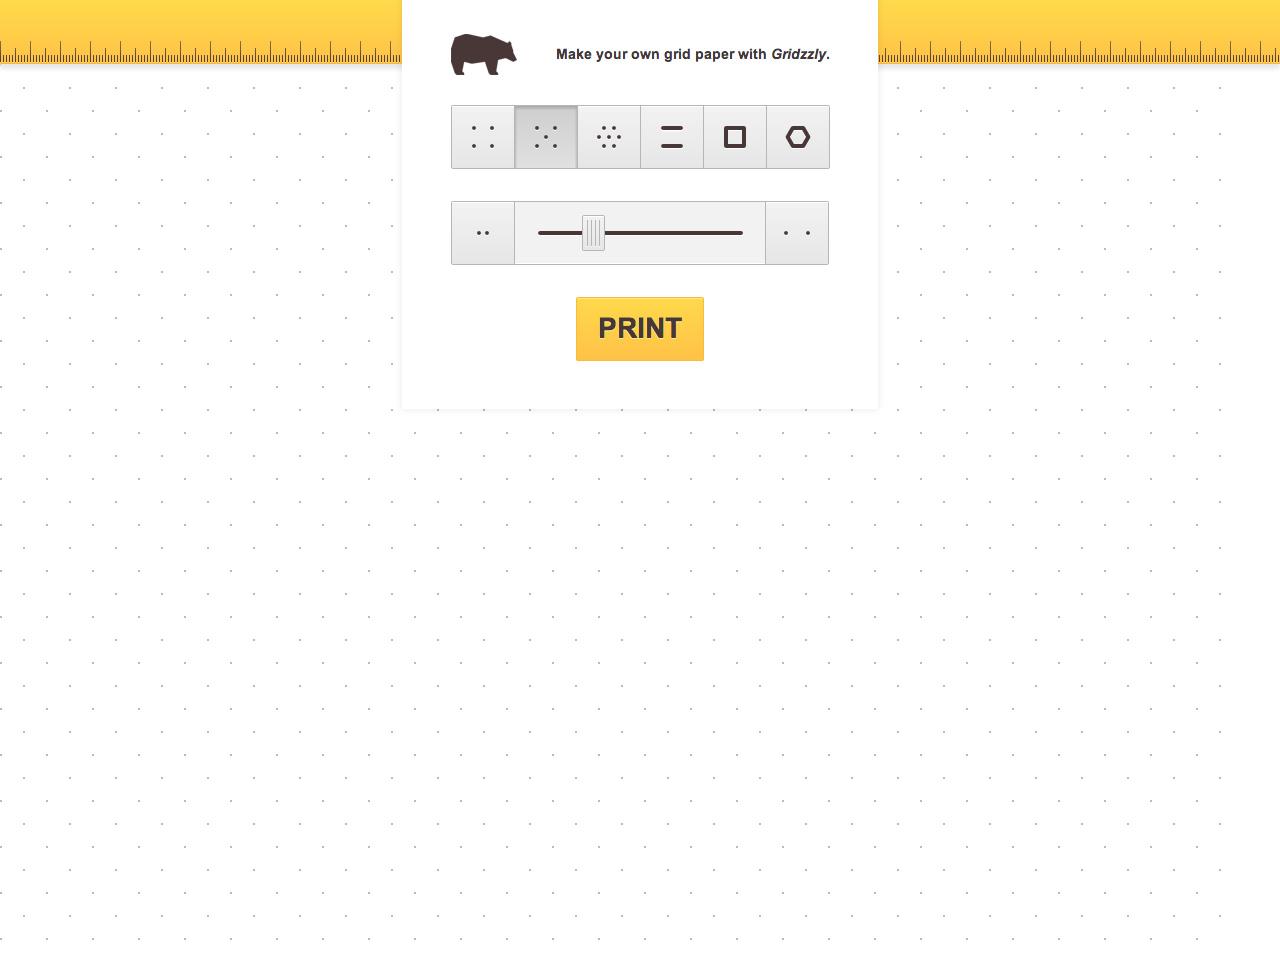 Gridzzly Website Screenshot